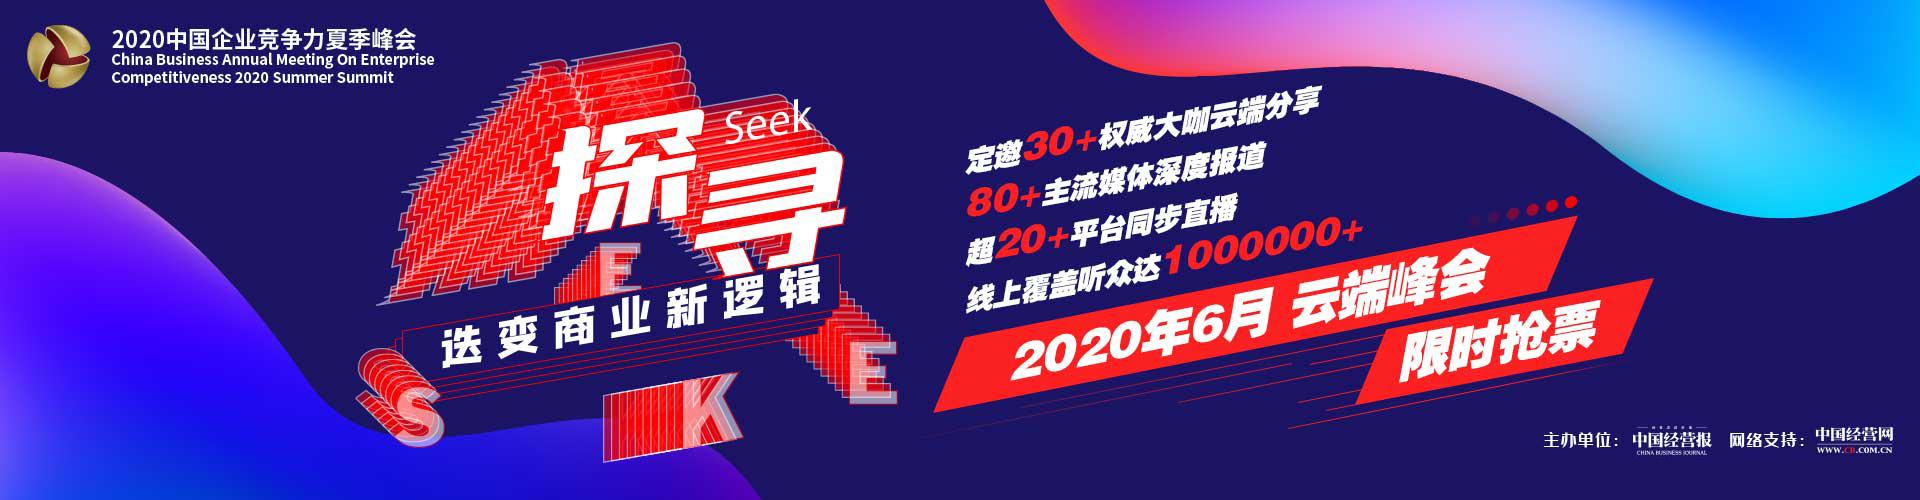 探寻•迭变商业新逻辑——2020中国企业竞争力夏季峰会